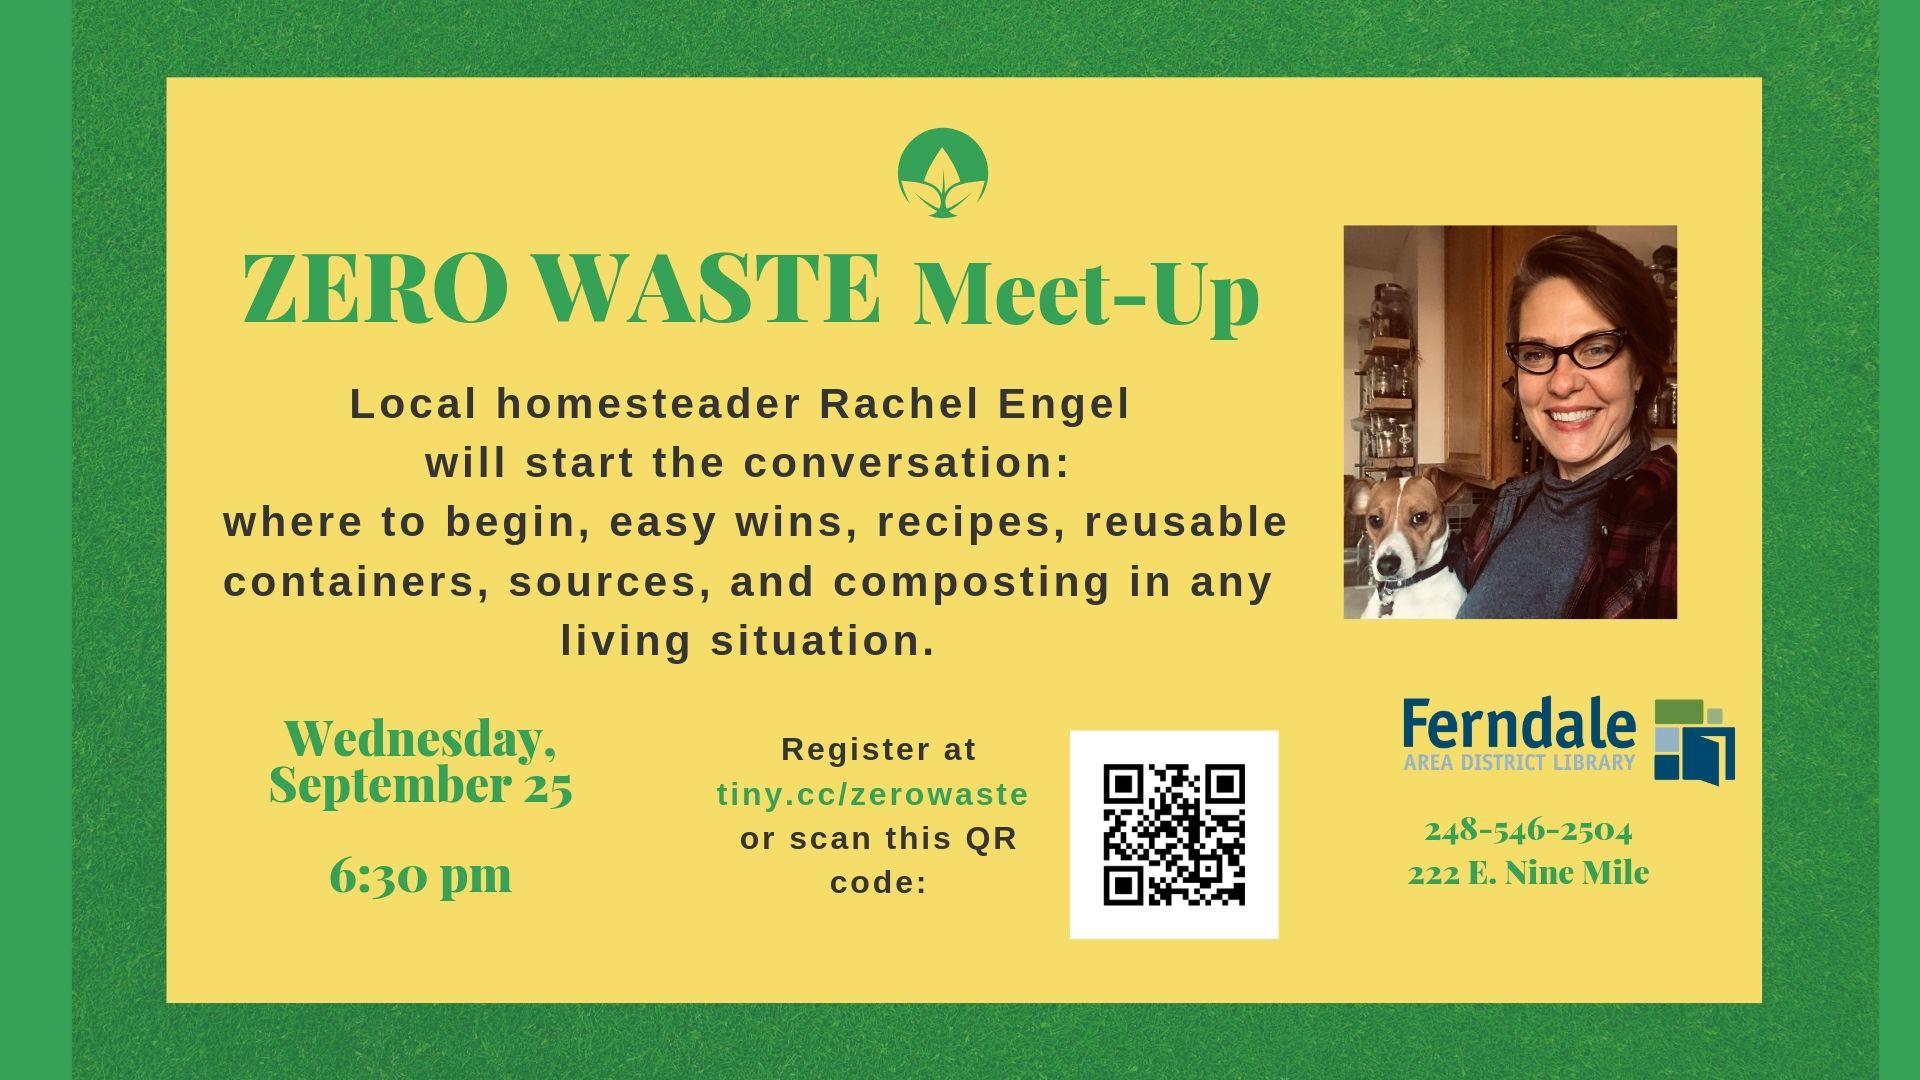 Zero Waste Meet Up